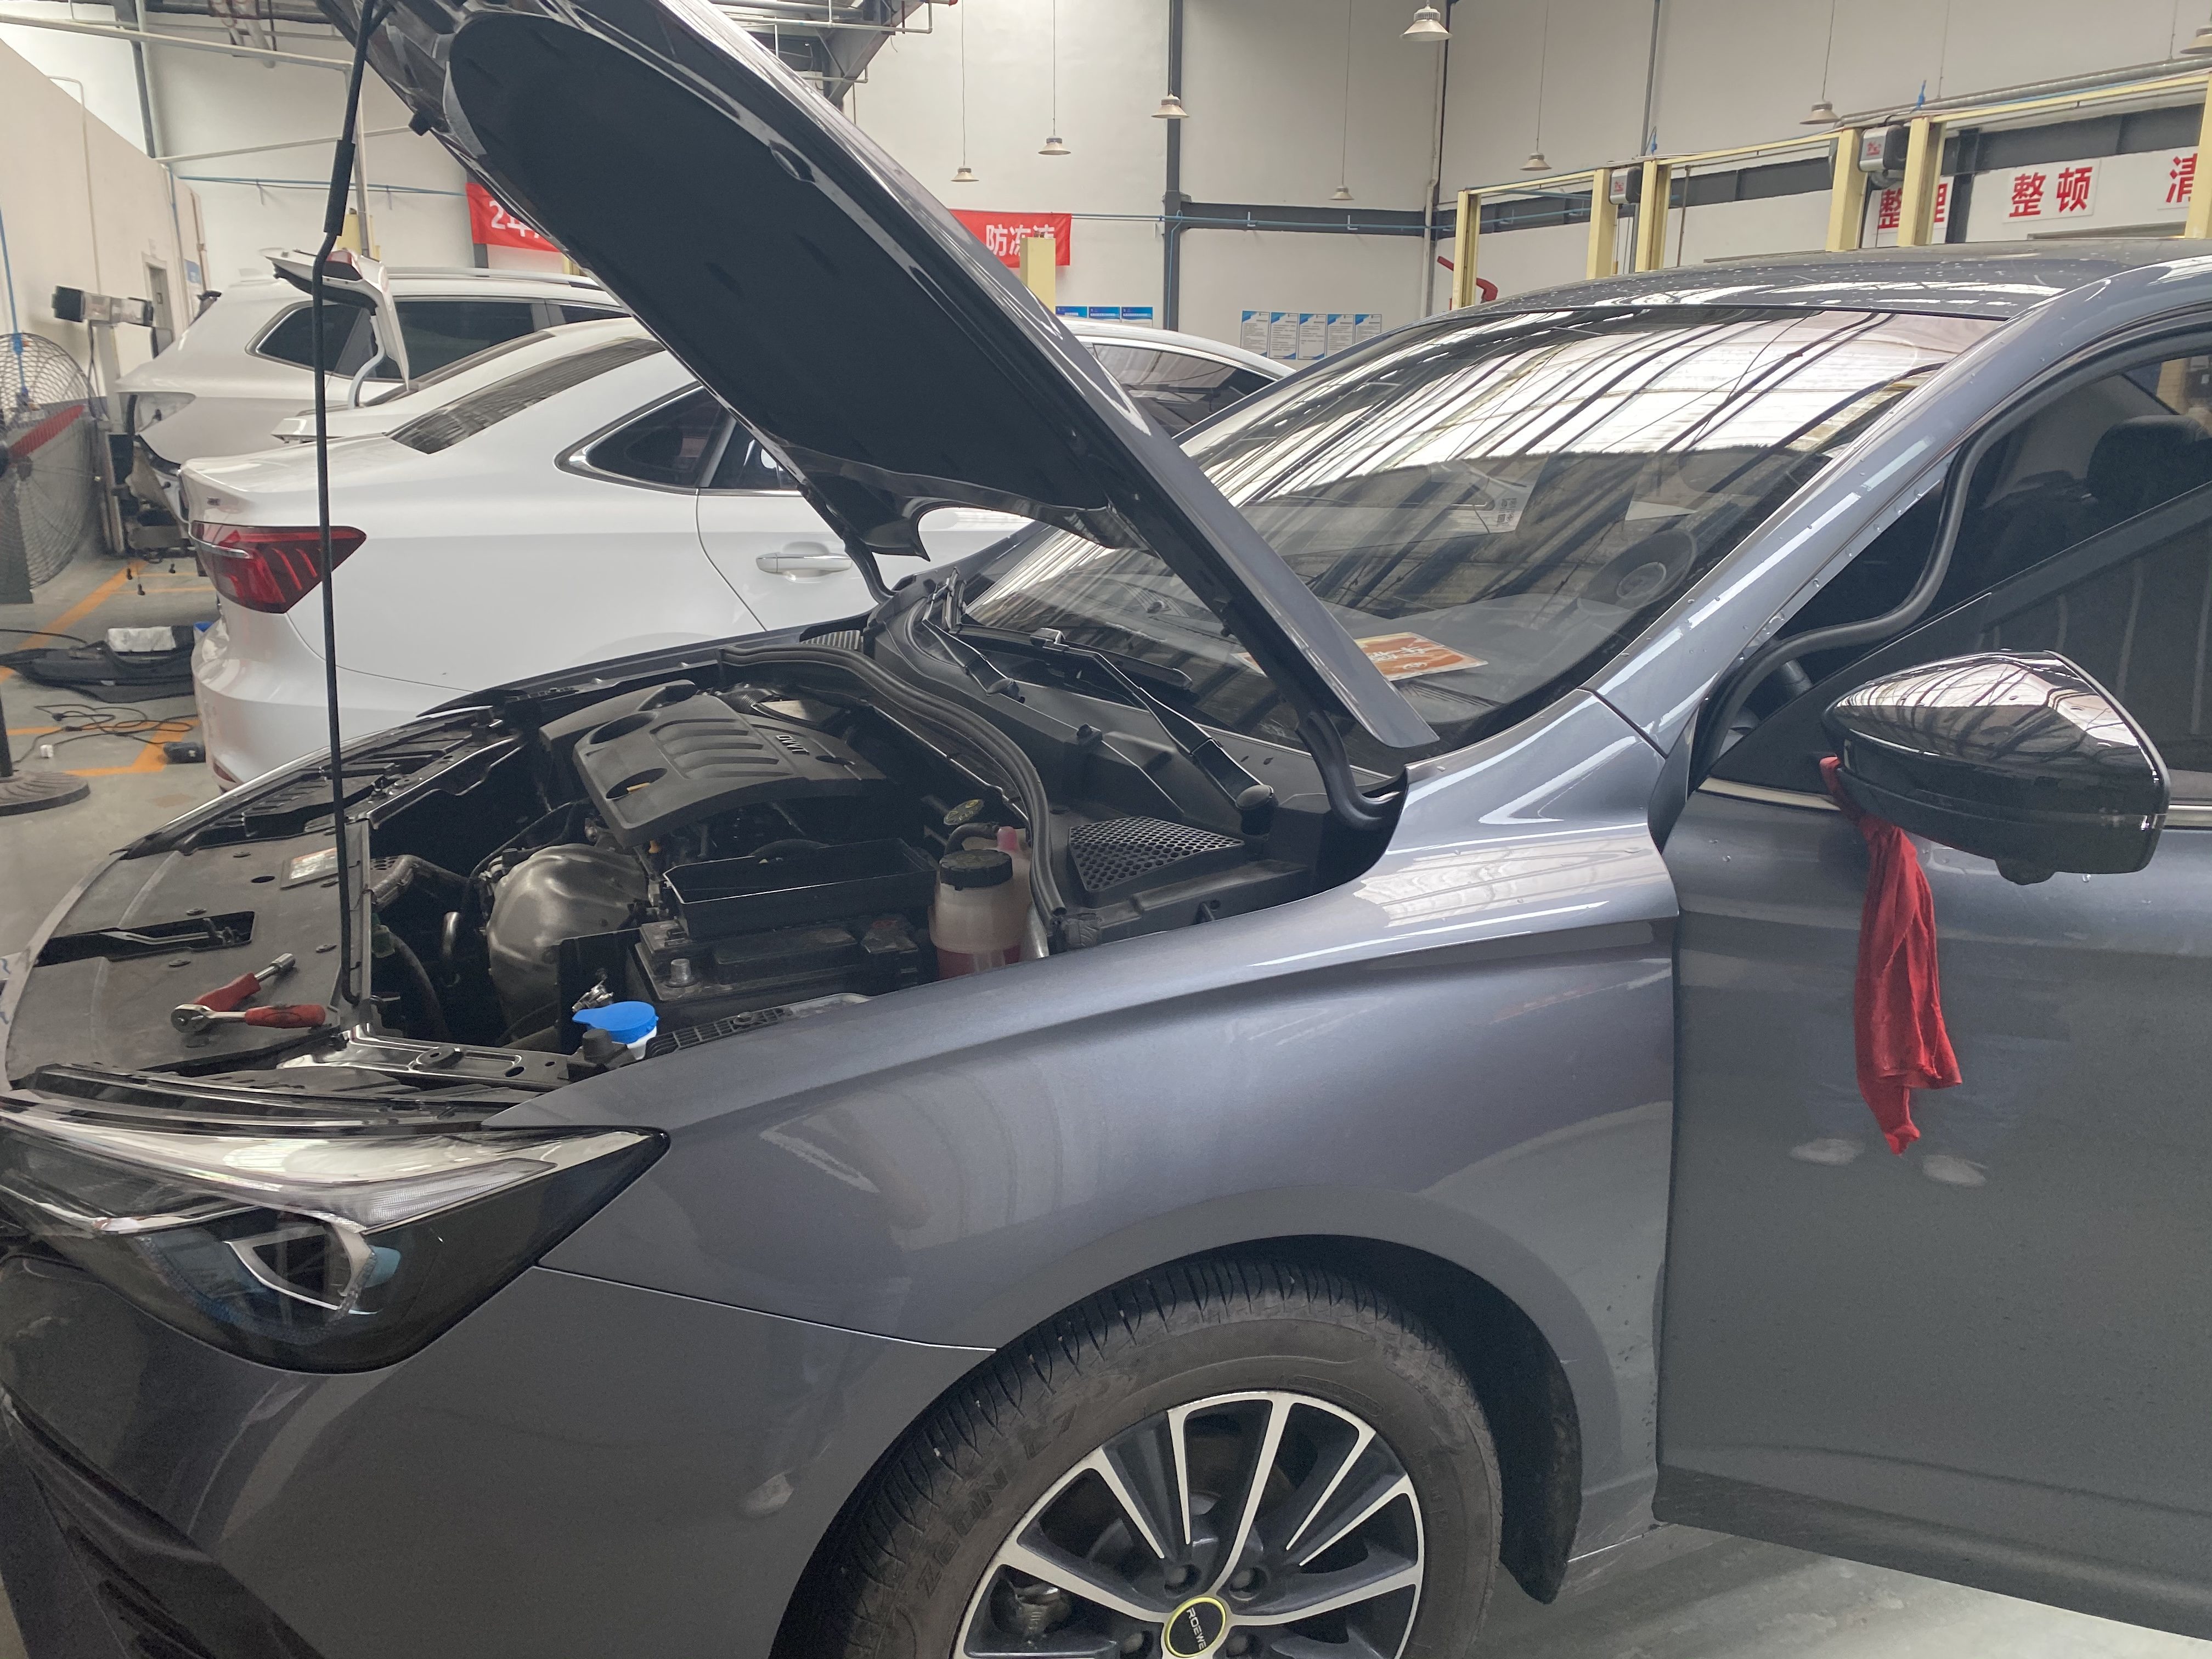 上汽荣威i5新车多次出现自动熄火的故障,4S店售后却不积极给予解决方案